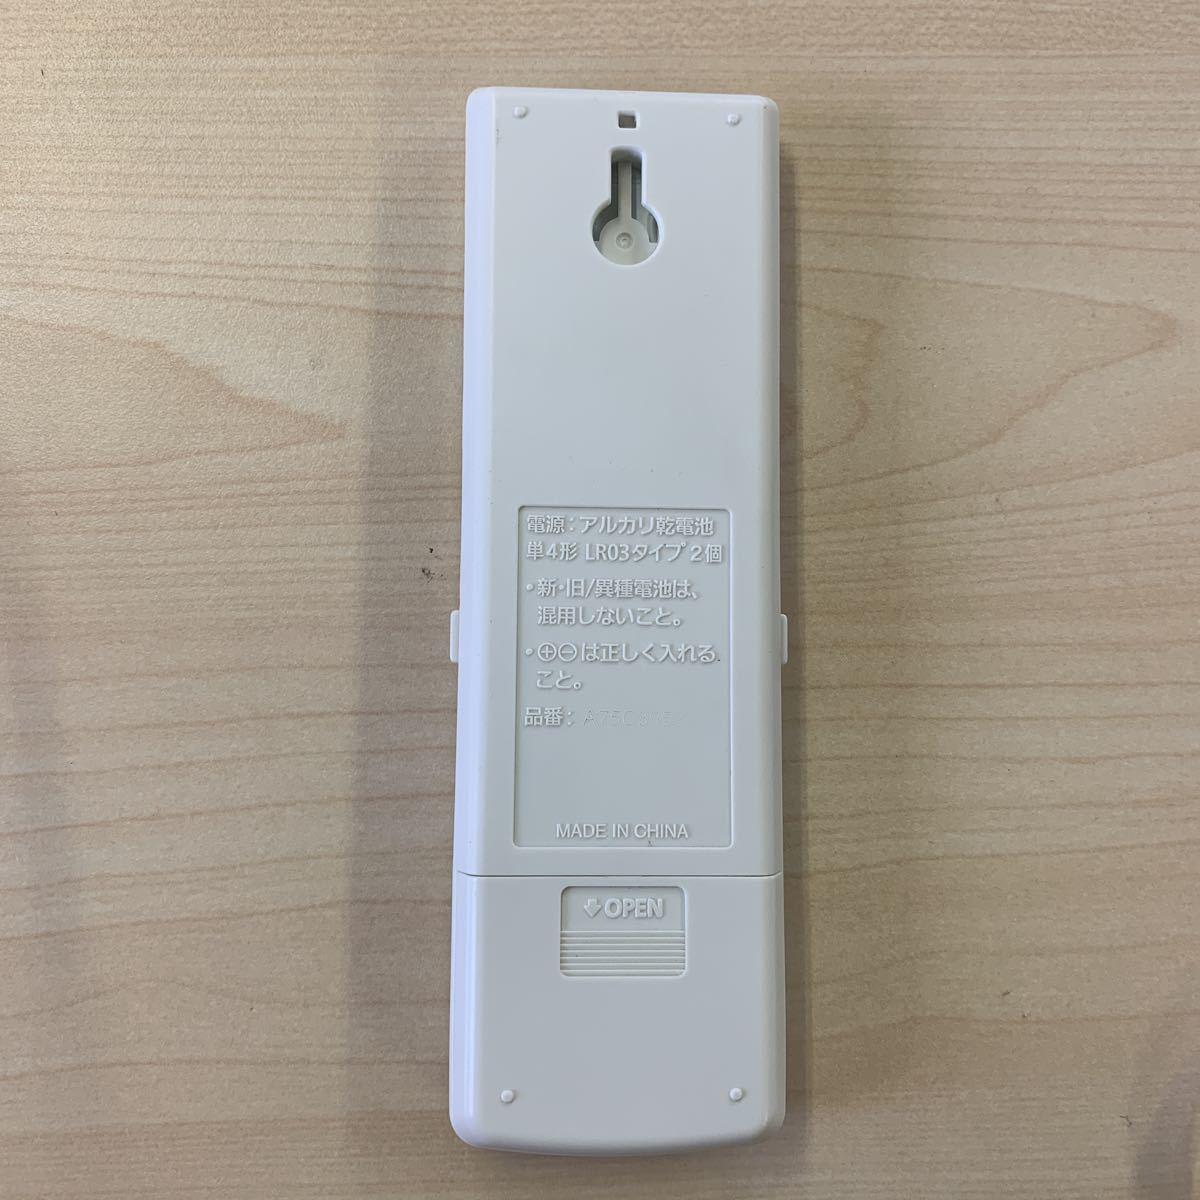 【中古品】Panasonic エアコン用リモコン A75C3953 エコナビ パナソニック エアコンリモコン_画像2